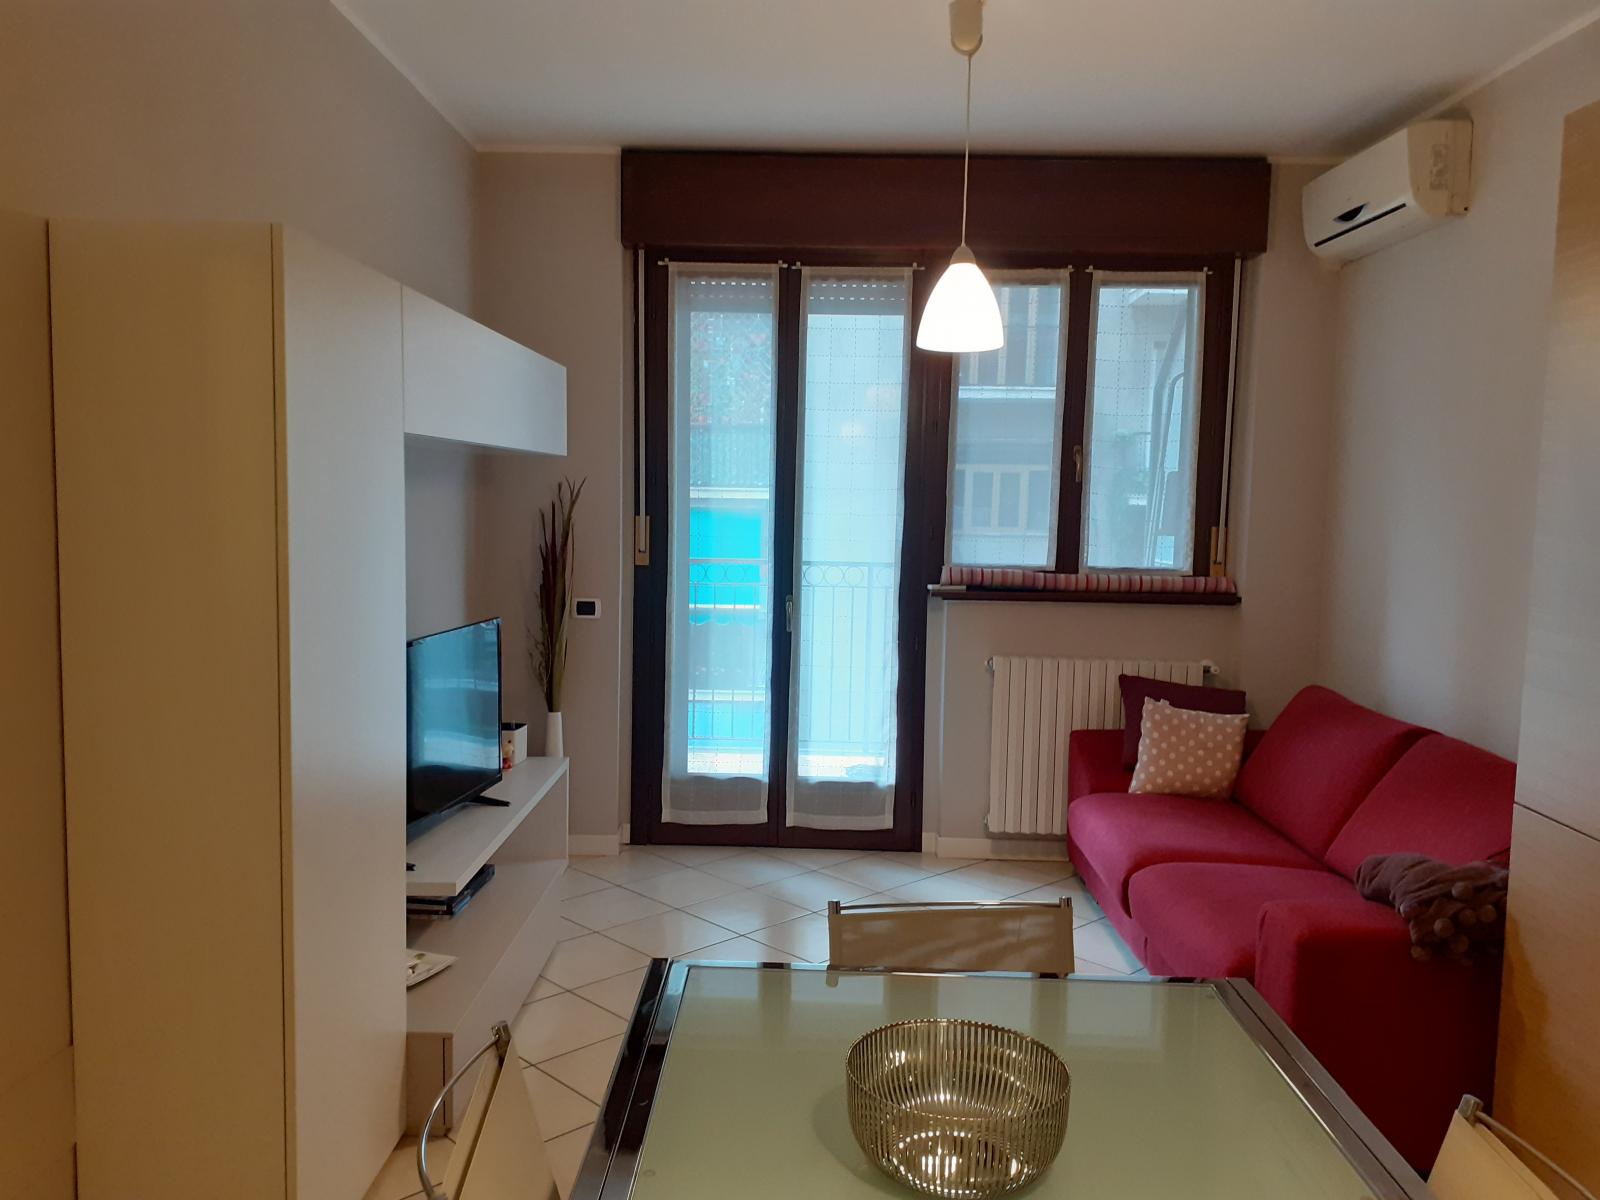 appartamento-in-vendita-a-milano-san-siro-via-capecelatro-spaziourbano-immobiliare-vende-1